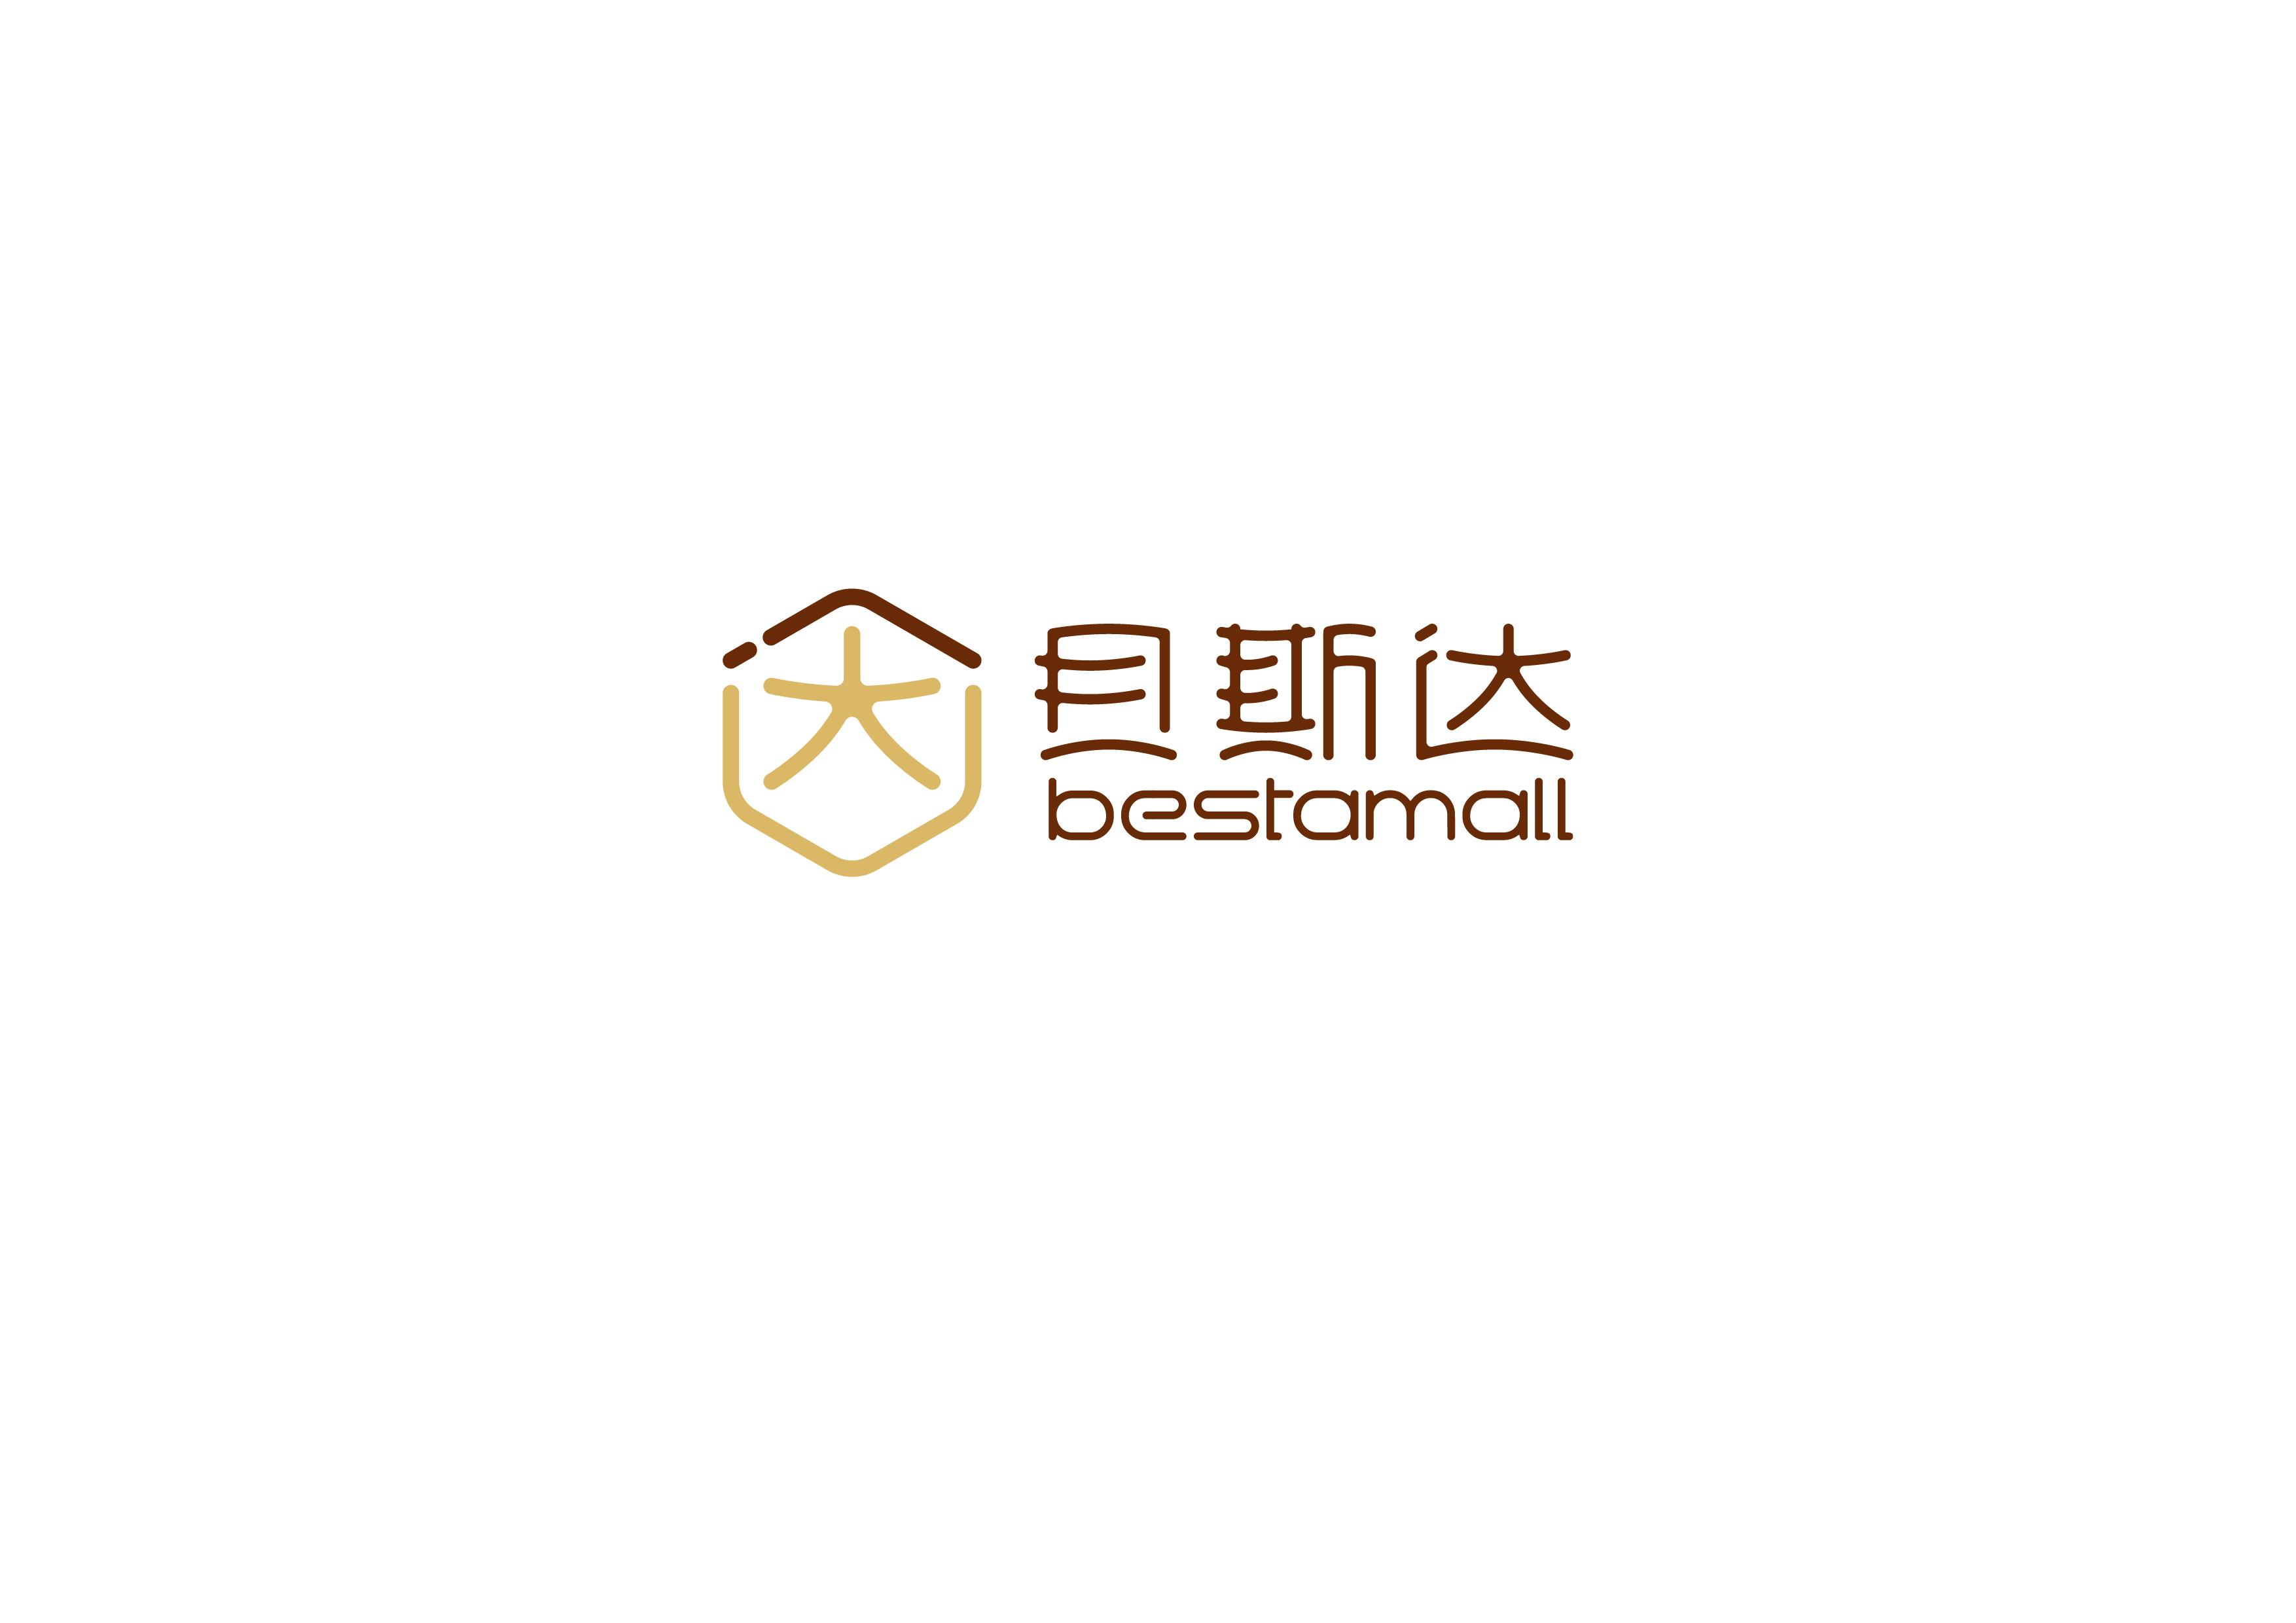 中山贝斯达网络科技有限公司 _才通国际人才网_job001.cn